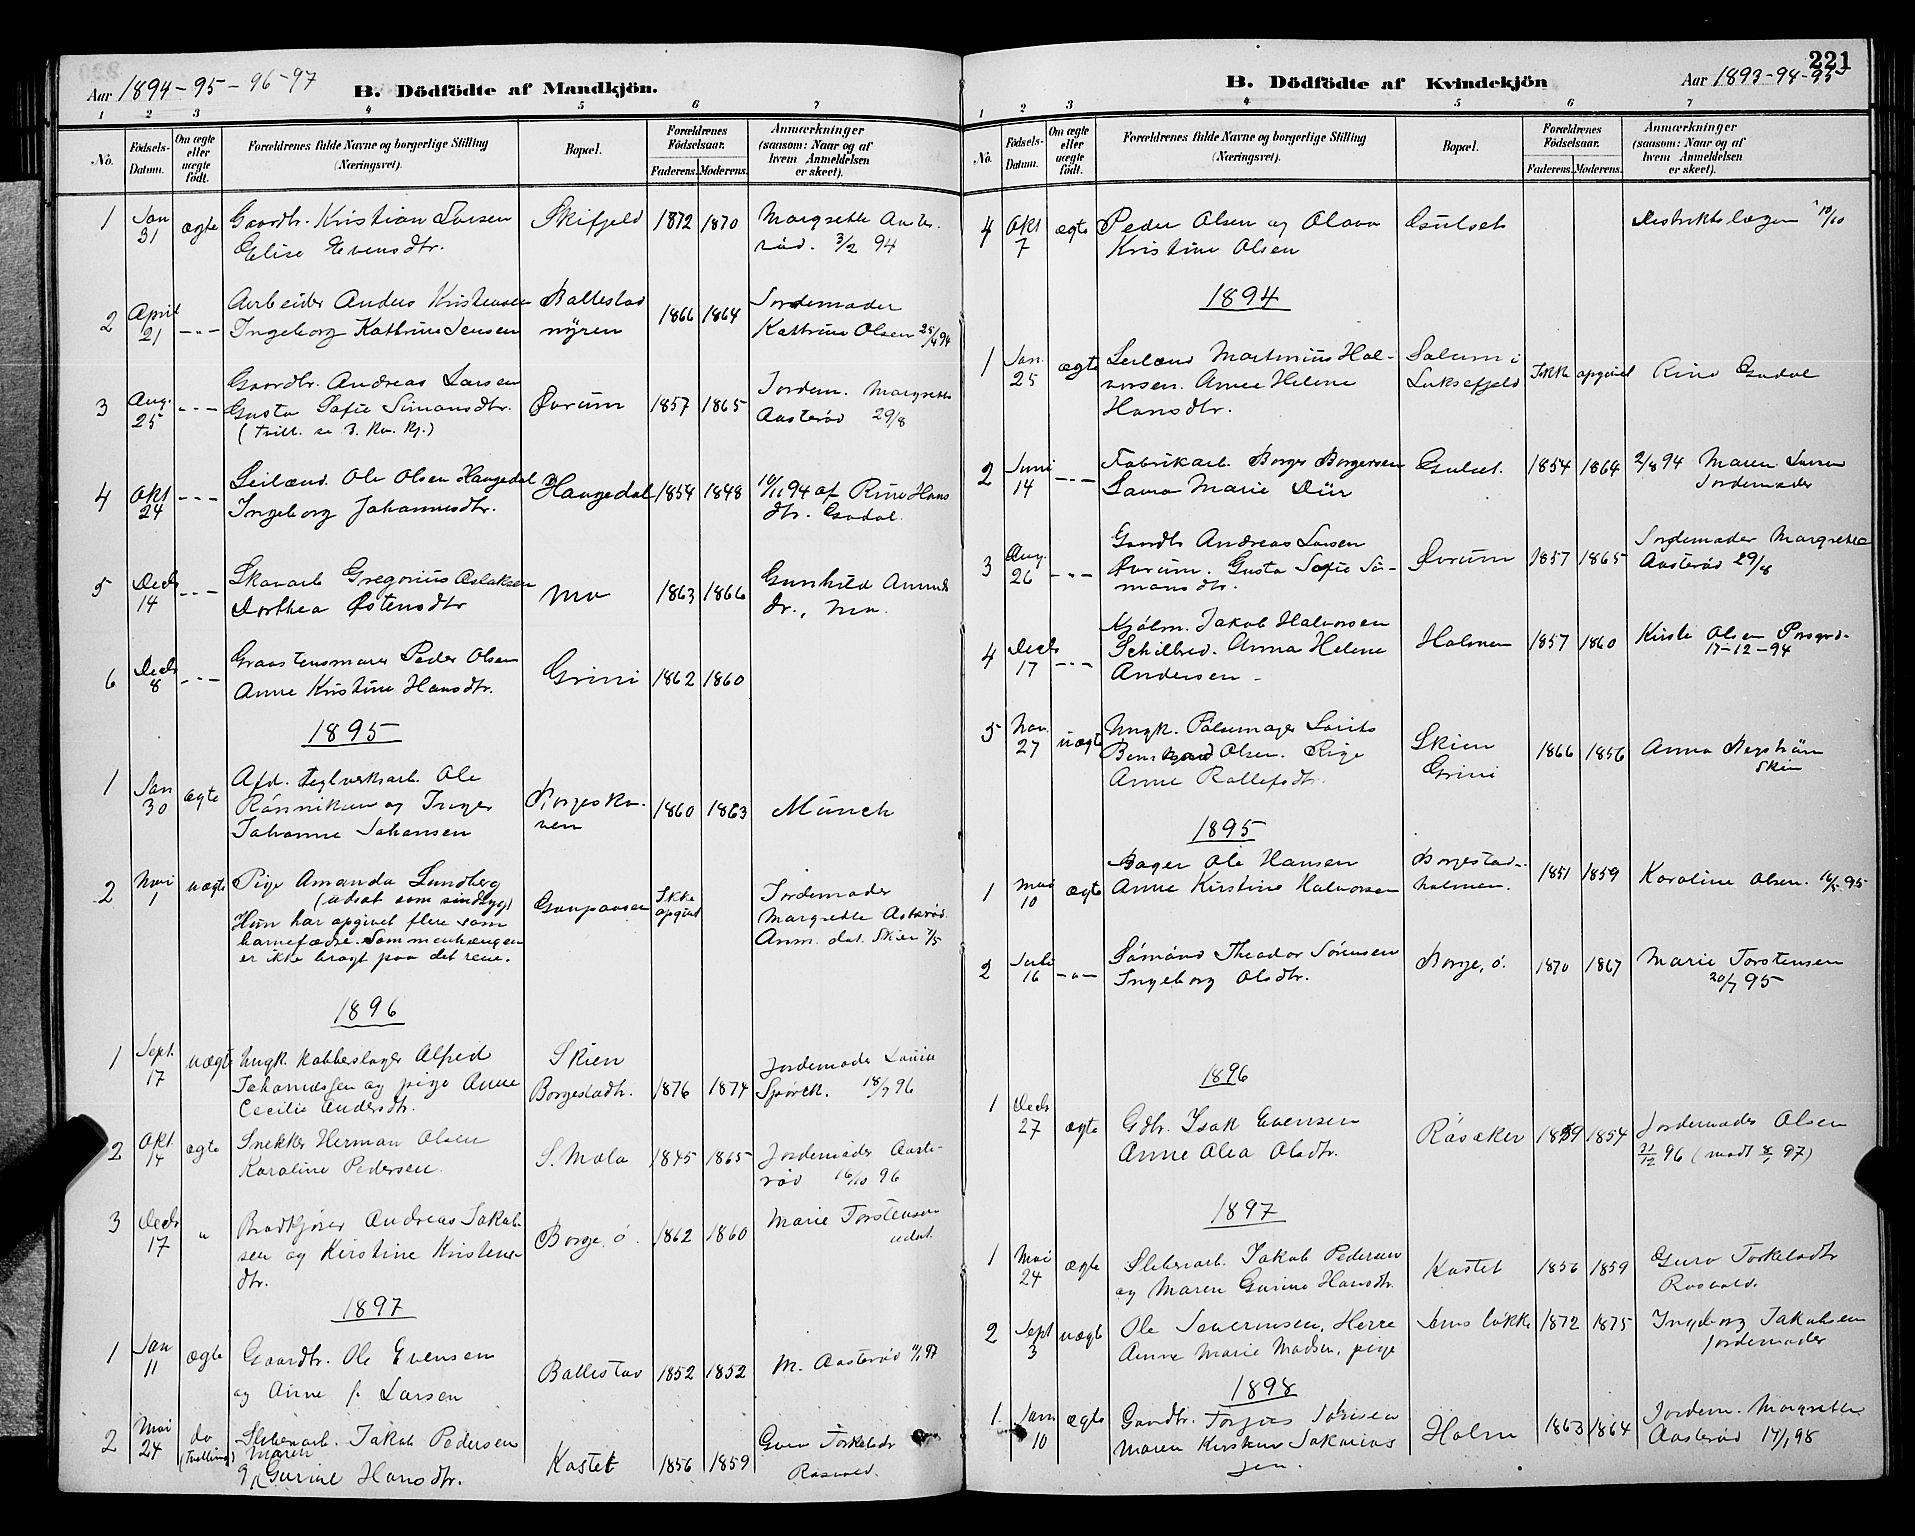 SAKO, Gjerpen kirkebøker, G/Ga/L0002: Klokkerbok nr. I 2, 1883-1900, s. 221